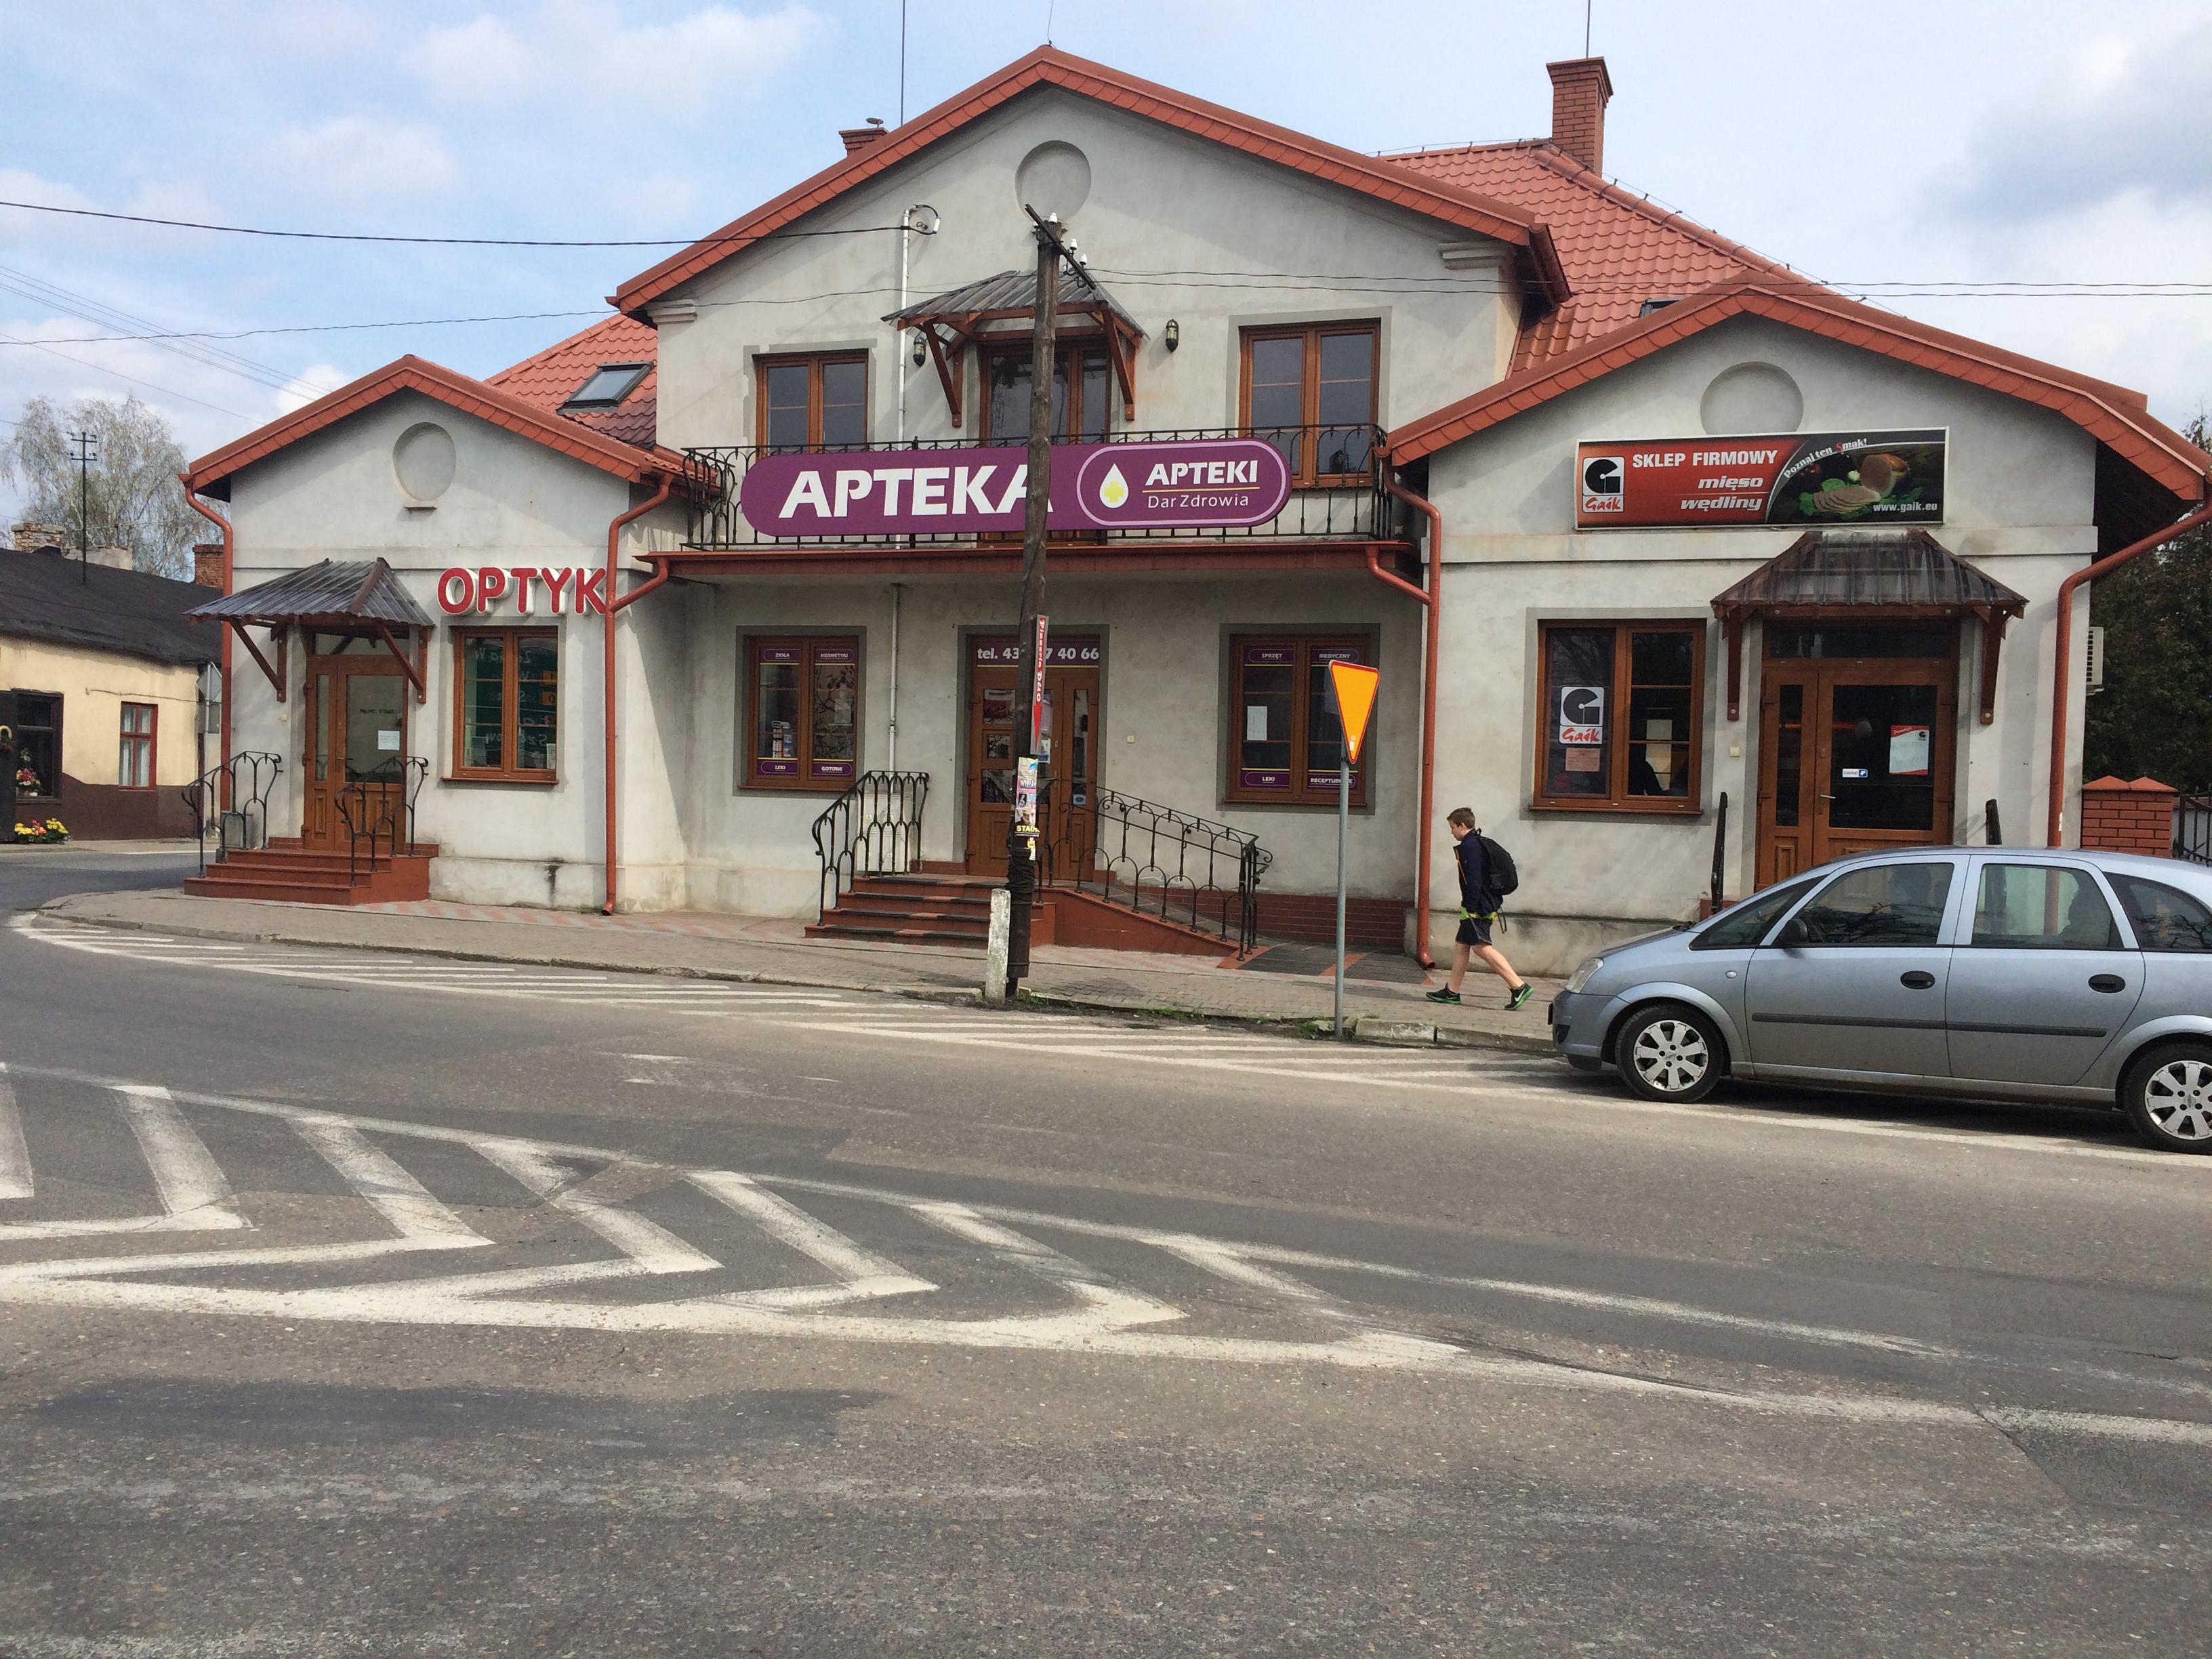 Widawa - aptekidarzdrowia.pl